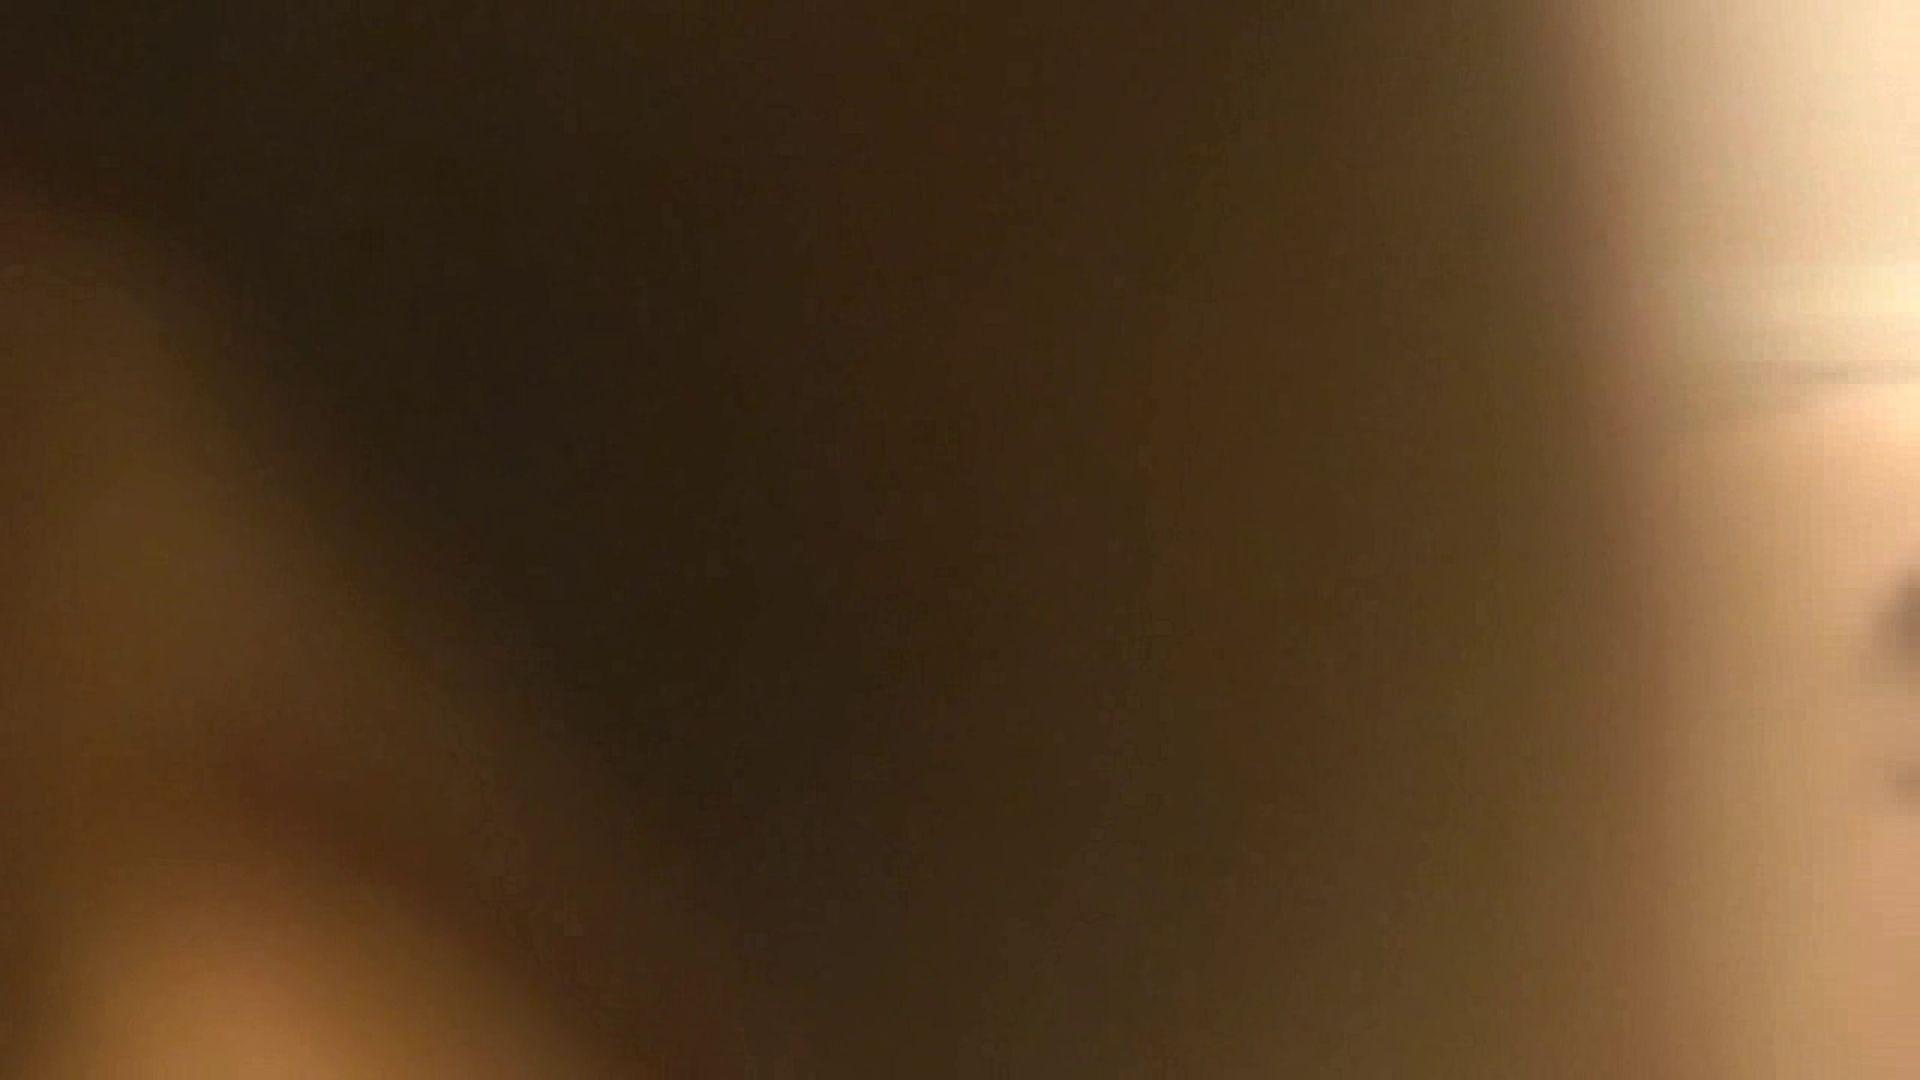 vol.1 Mayumi 窓越しに入浴シーン撮影に成功 入浴中の女性   OLのボディ  57PIX 15